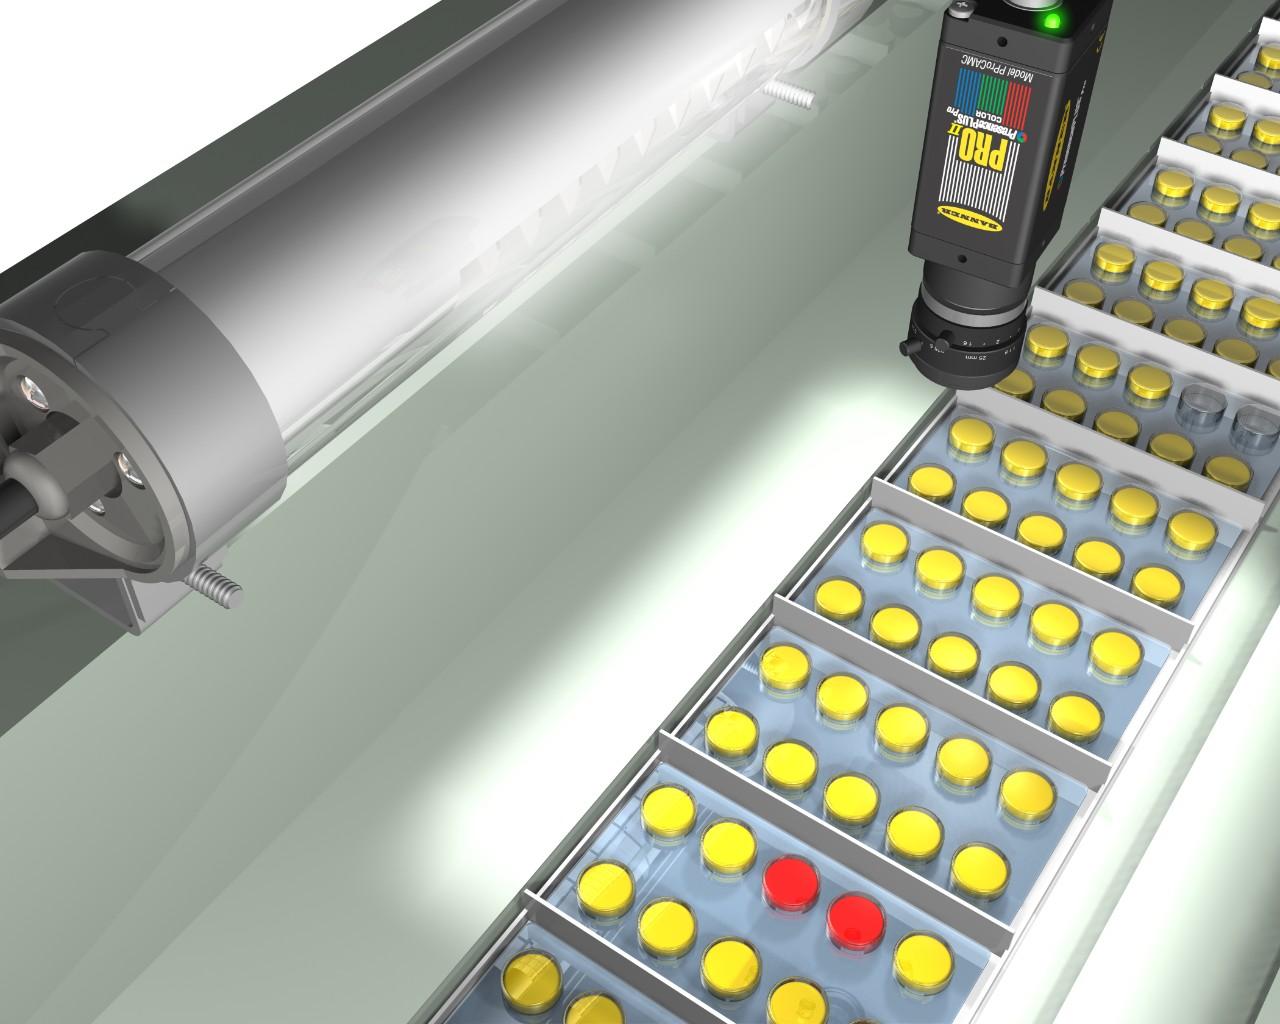 بینایی ماشین و کنترل کیفیت